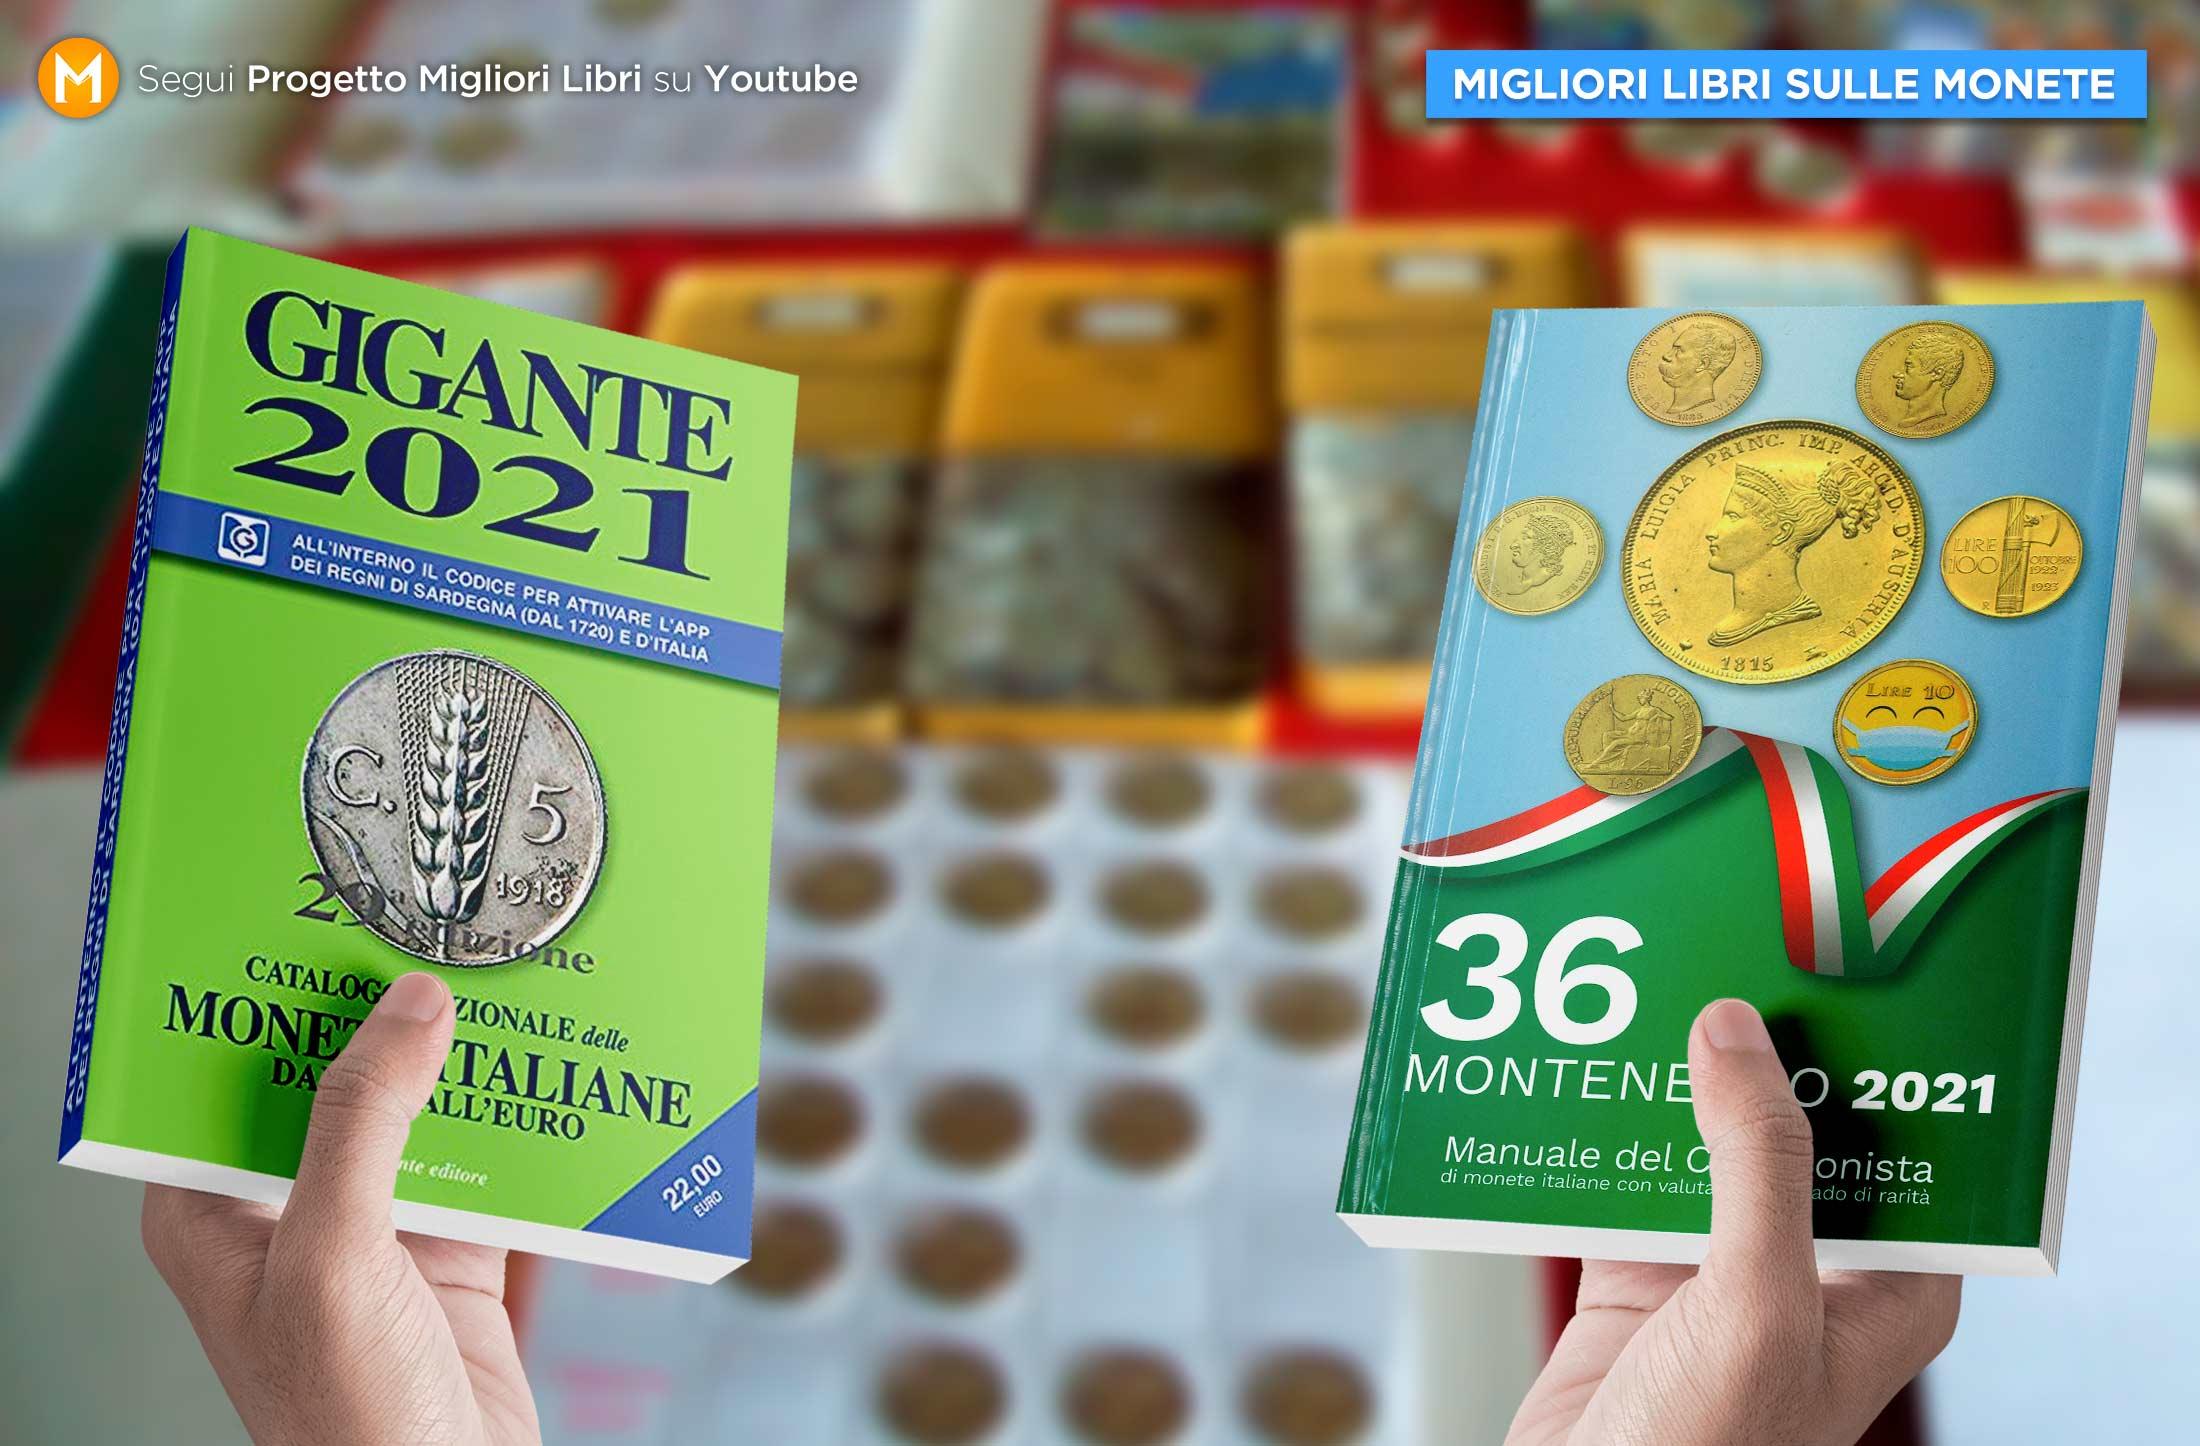 libri-sulle-monete-cataloghi